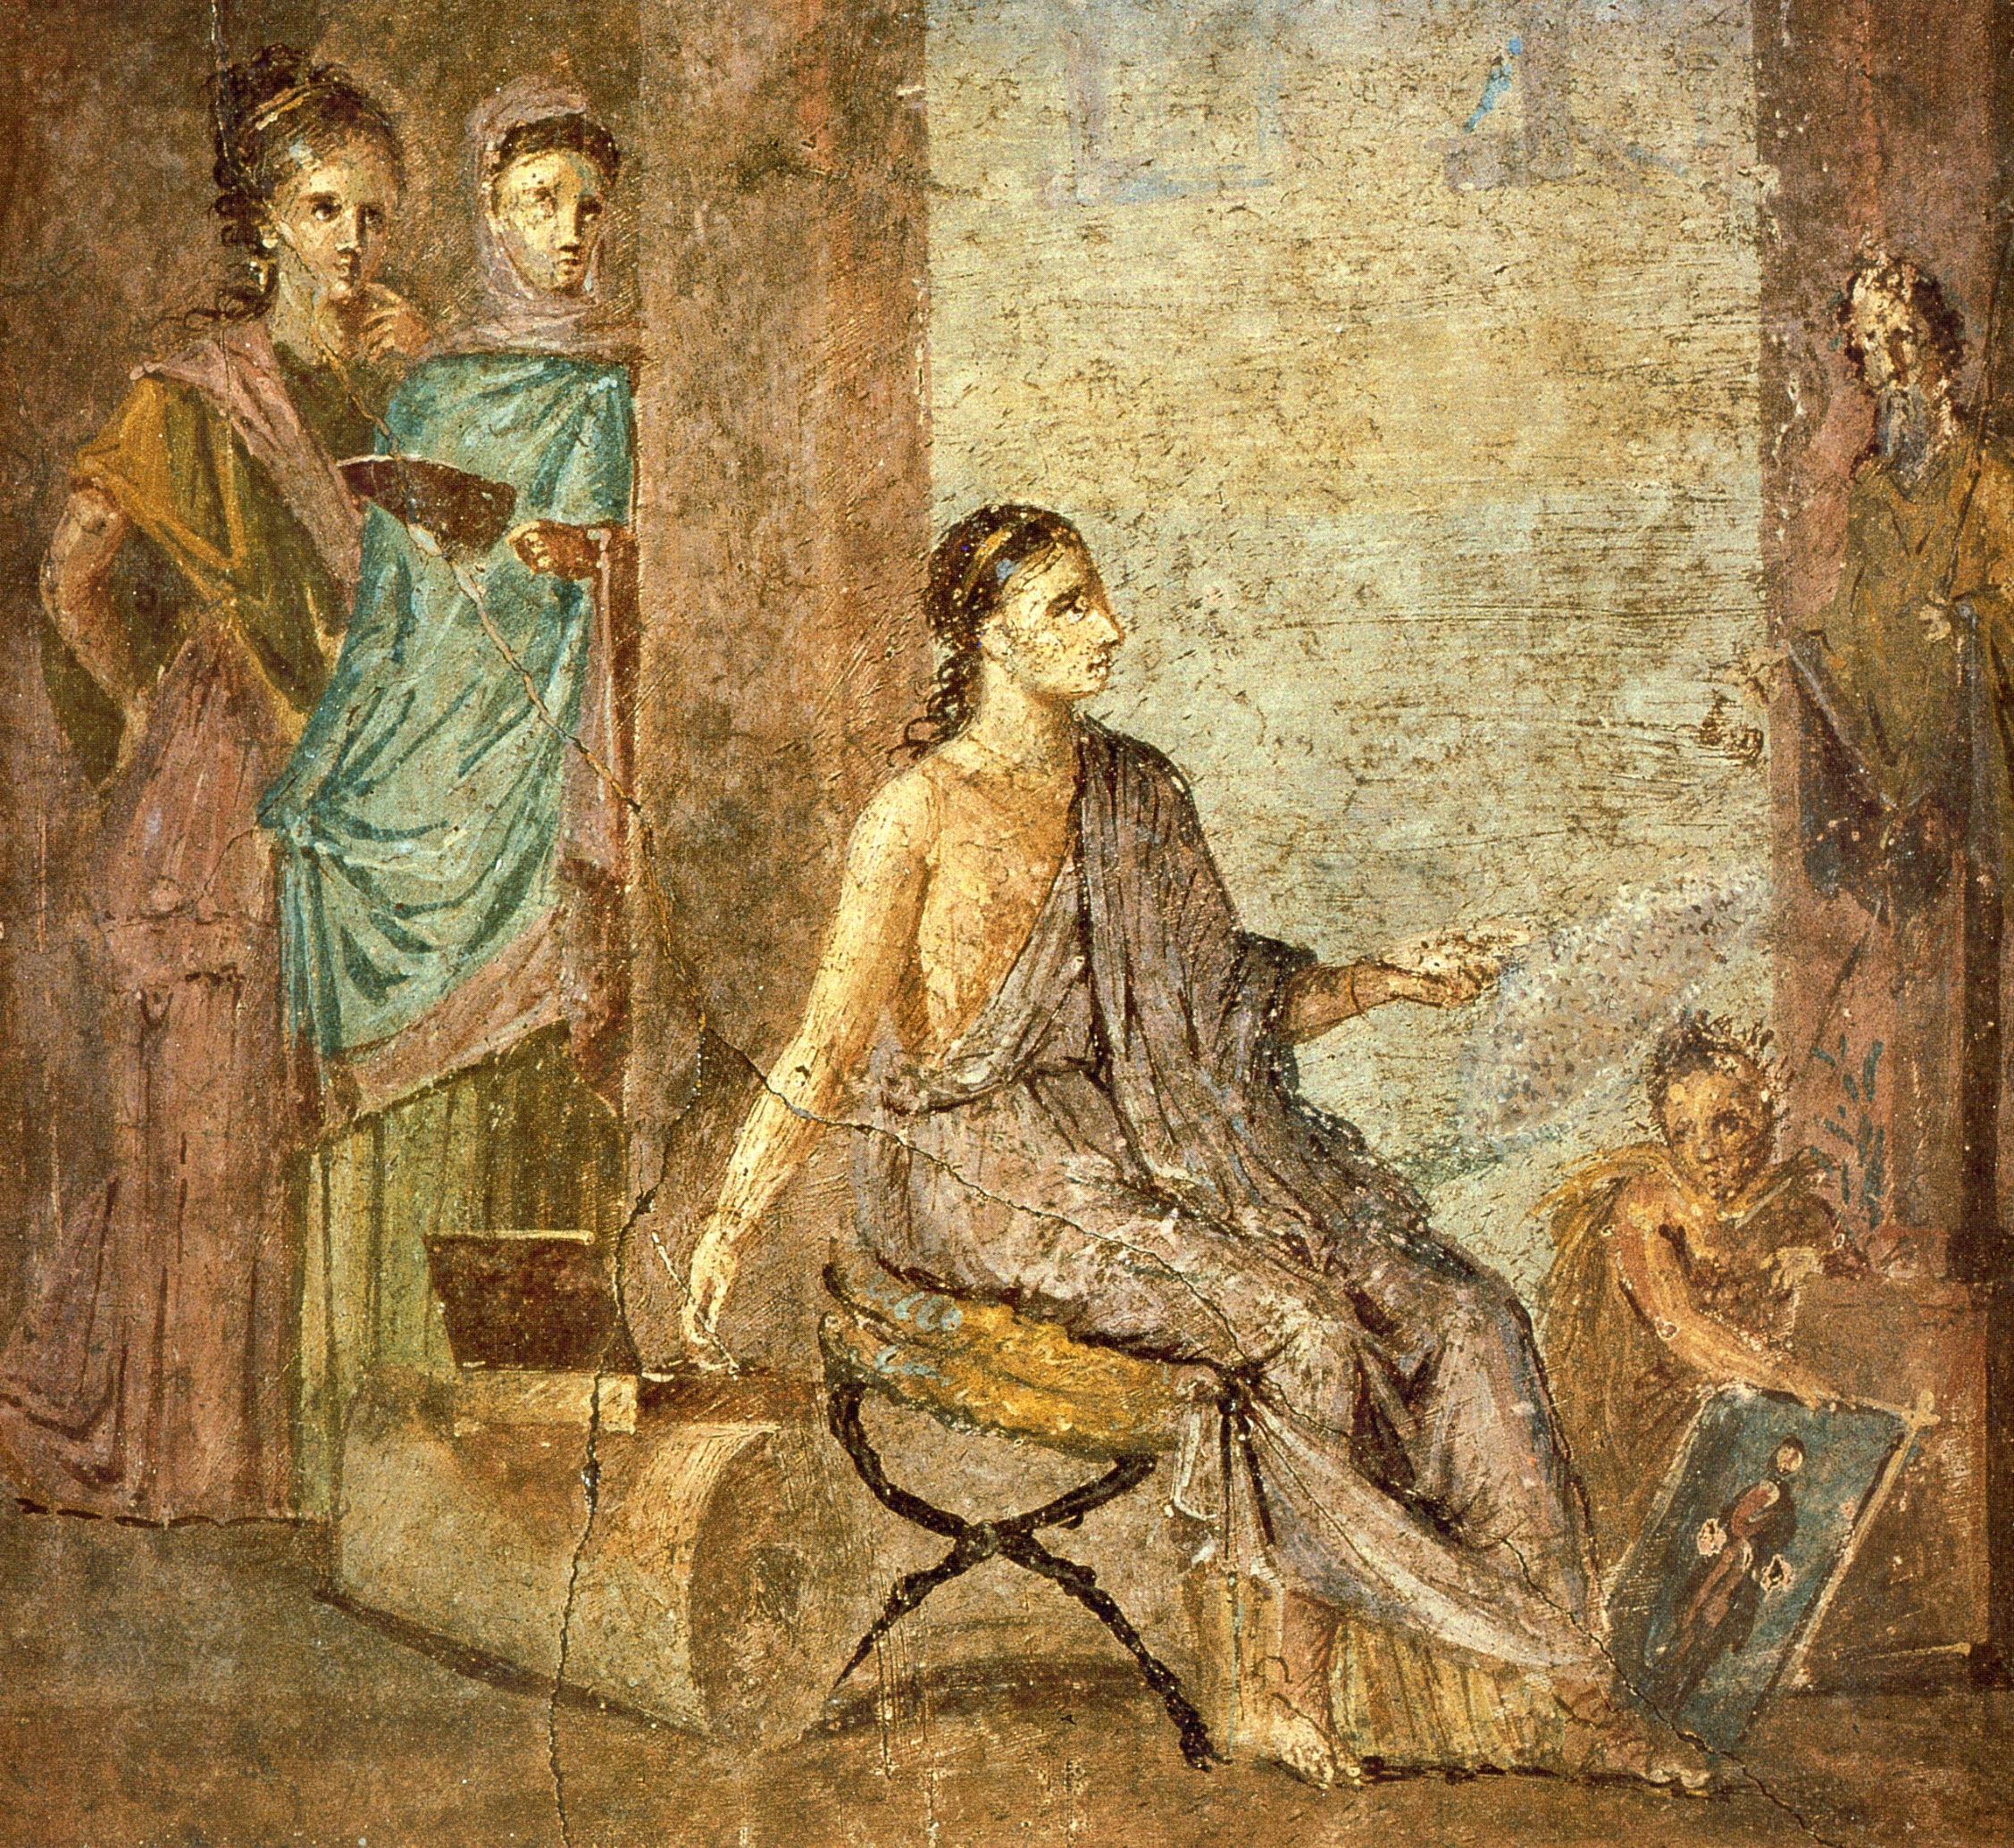 Priapeia - Wikipedia